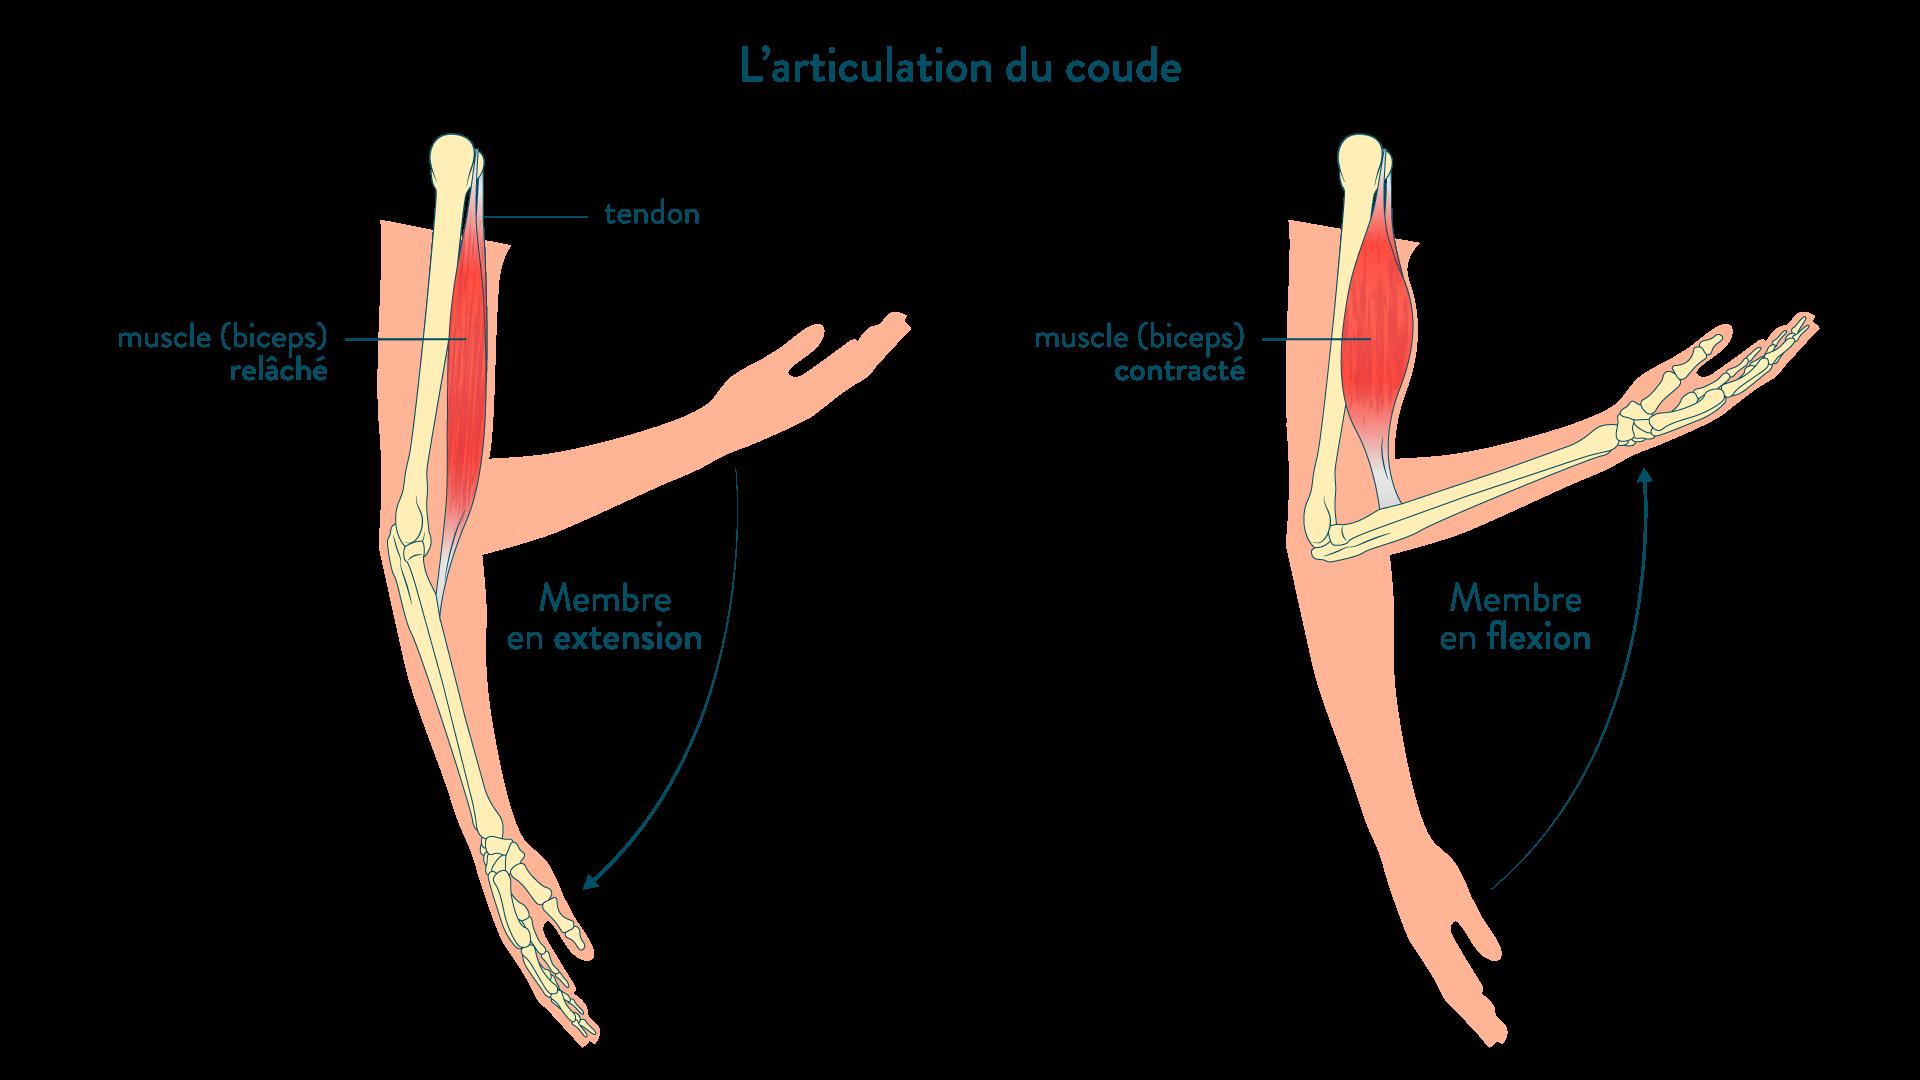 l'articulation du coude en flexion ou en extension